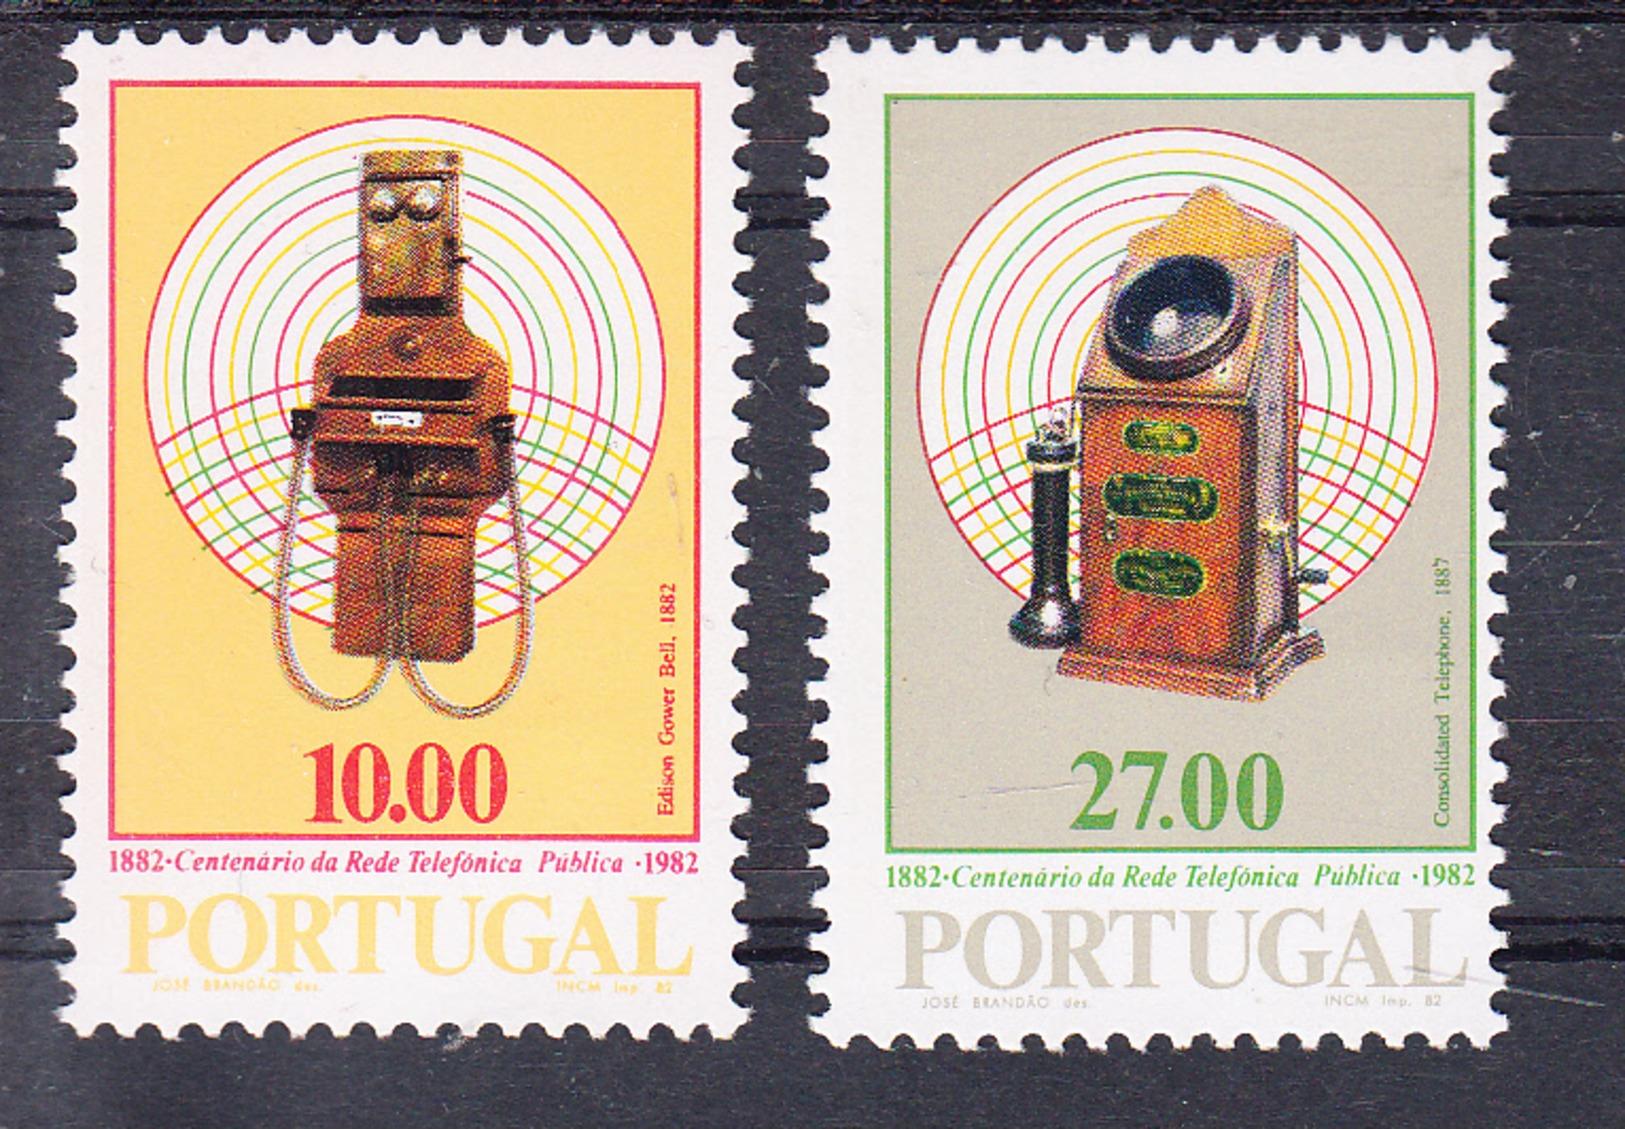 PORTUGAL 1982 .AFINSA. Nº1567/68 CENTENARIO REDE TELEFONICA PUBLICA  EM PORTUGAL NUEVO SIN CHARNELA .SES461GRANDE - 1910-... República